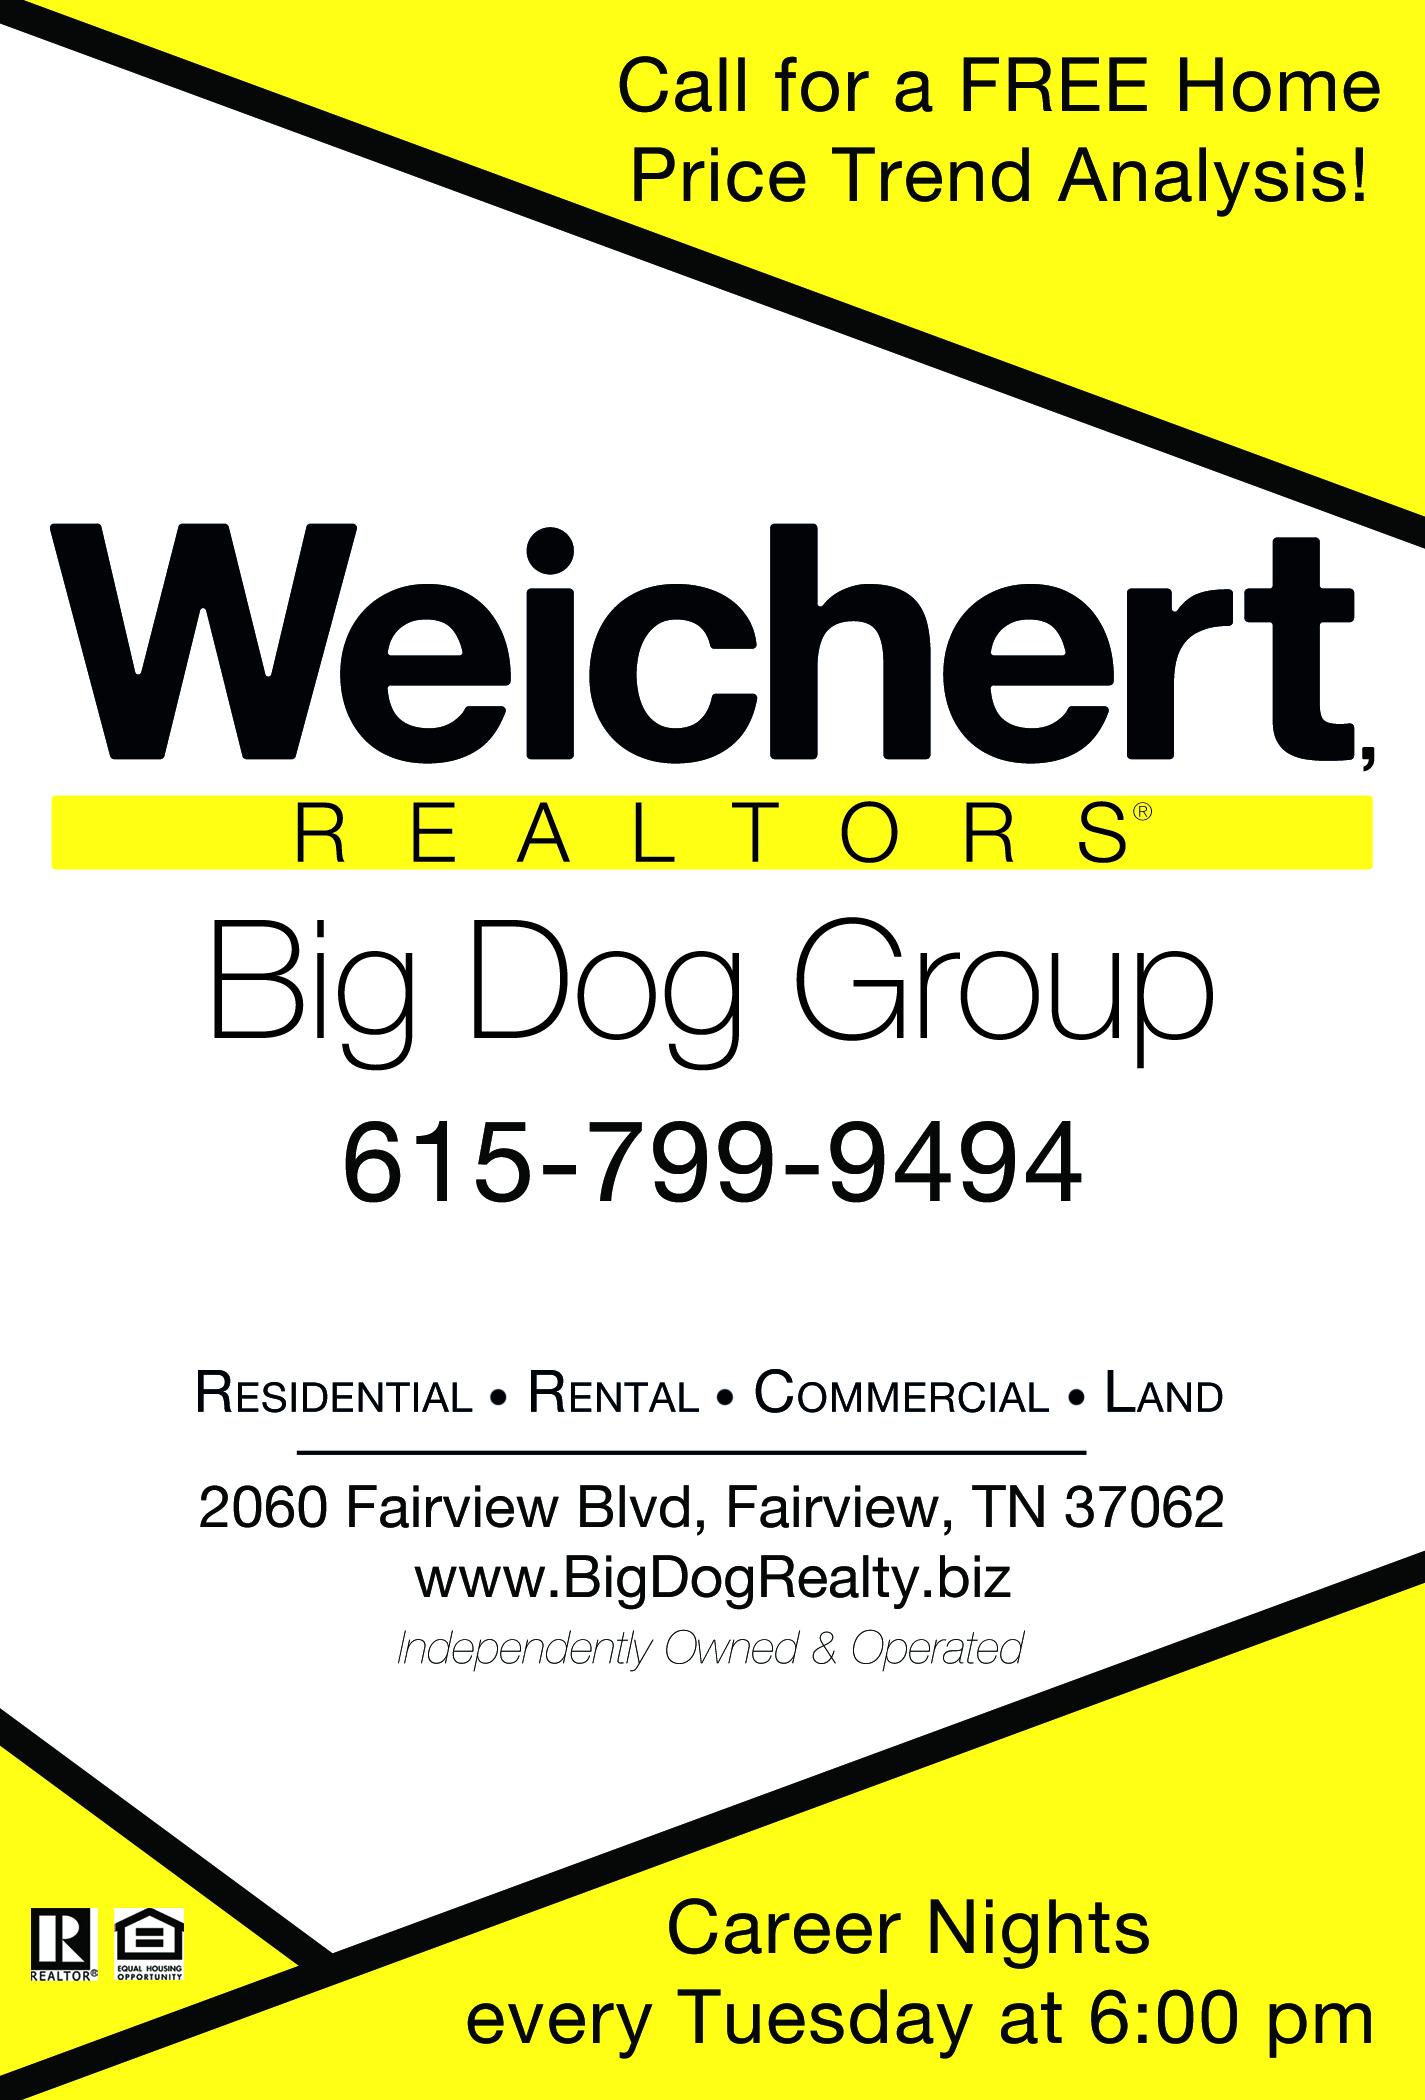 Weichert – Big Dog Realty